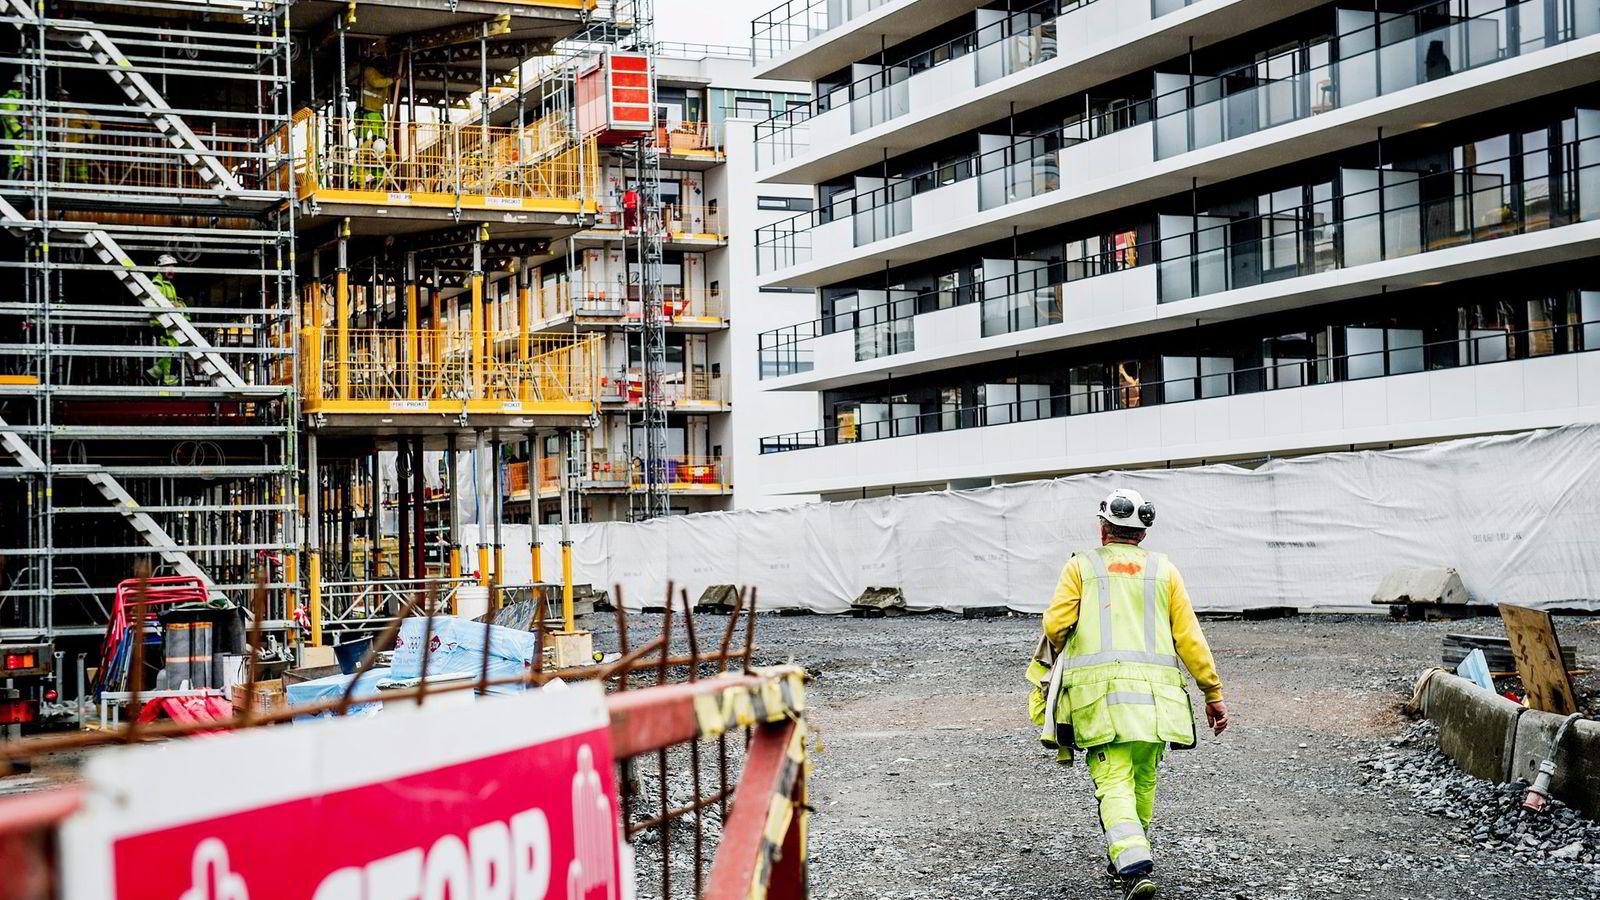 Å holde boligprosjektene innenfor vedtatte rammer er et av rådene fra artikkelforfatteren som å få til en raskere boligbygging. Her fra OBOS' boligprosjekt på Ensjø i Oslo. Foto: Gorm K. Gaare